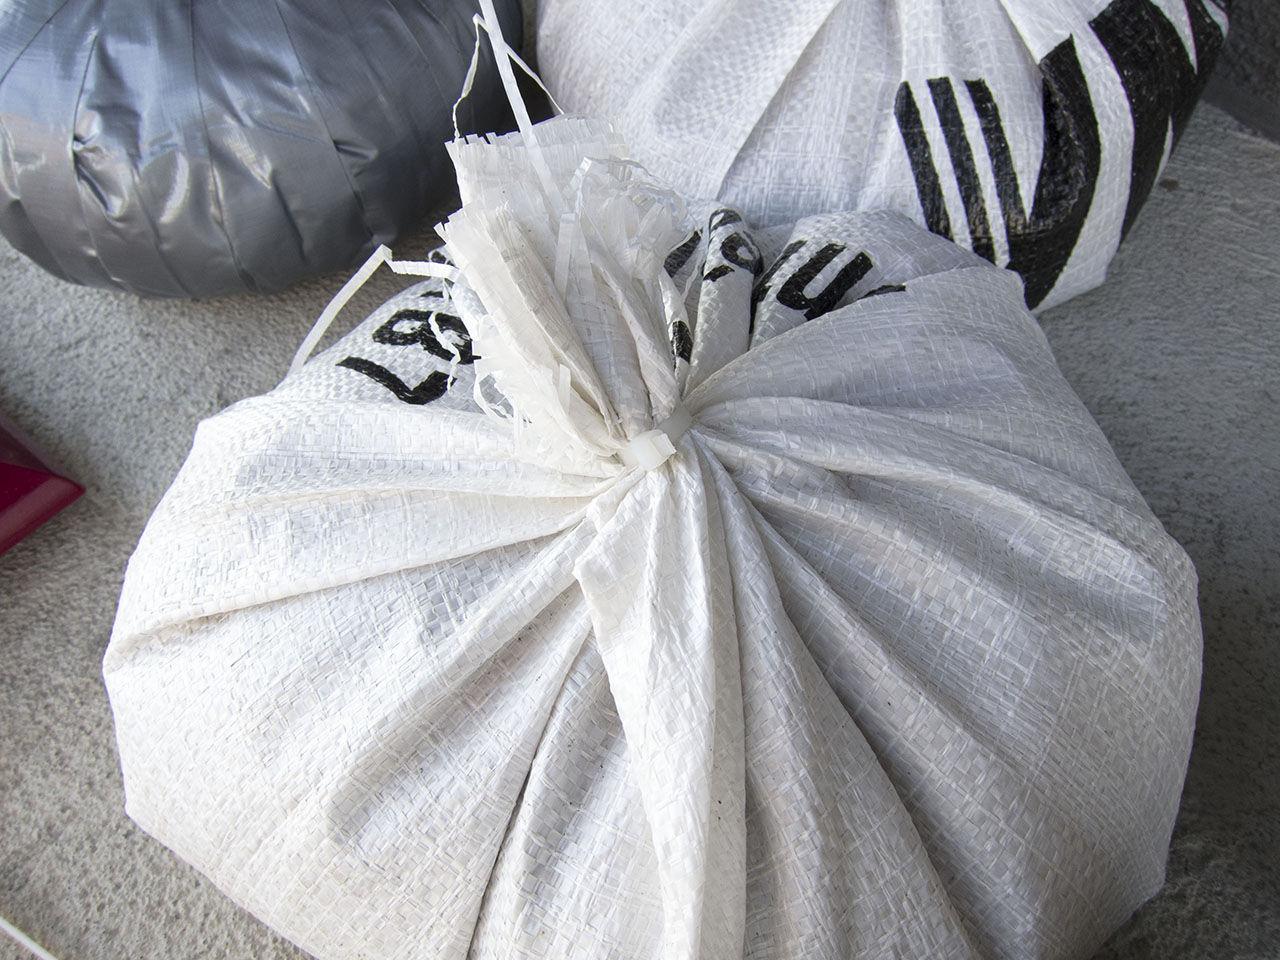 sandbag duffle bag02 - The Evolution of the Barbell